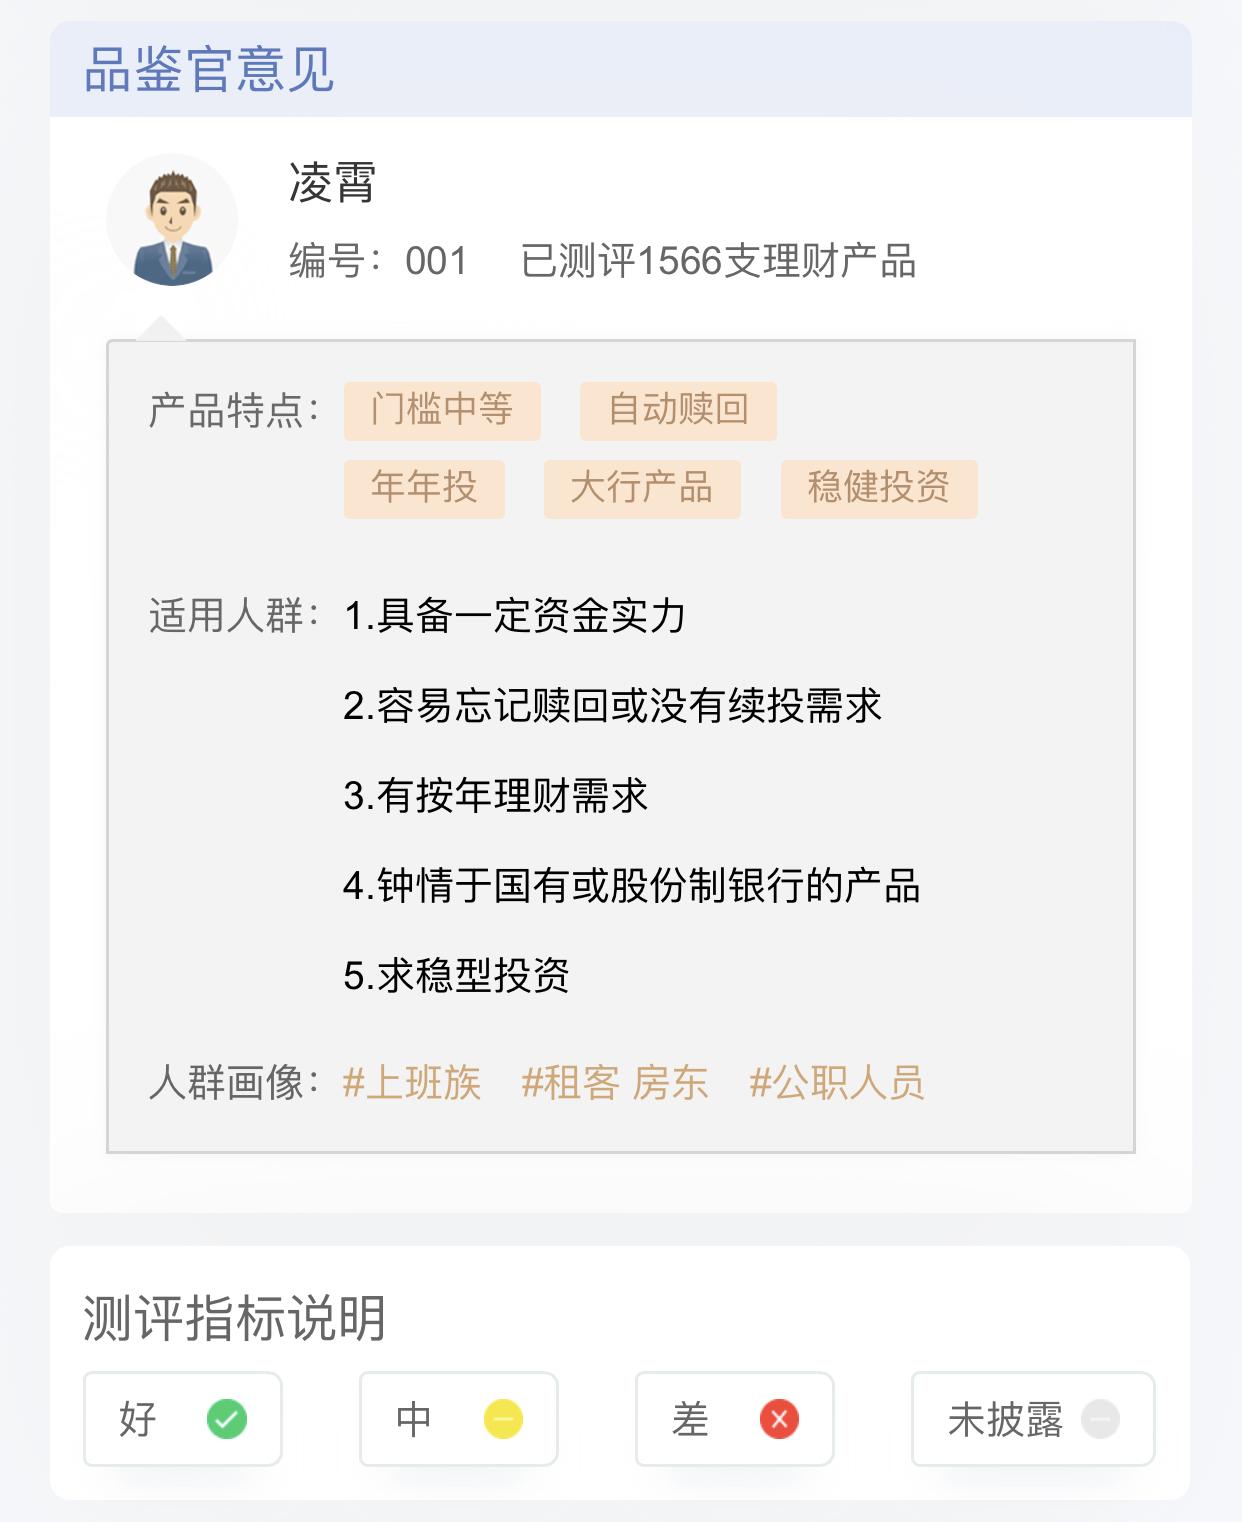 理财产品测评:中国工商银行・个人高净值客户专属350天稳利人民币理财产品CFWL350